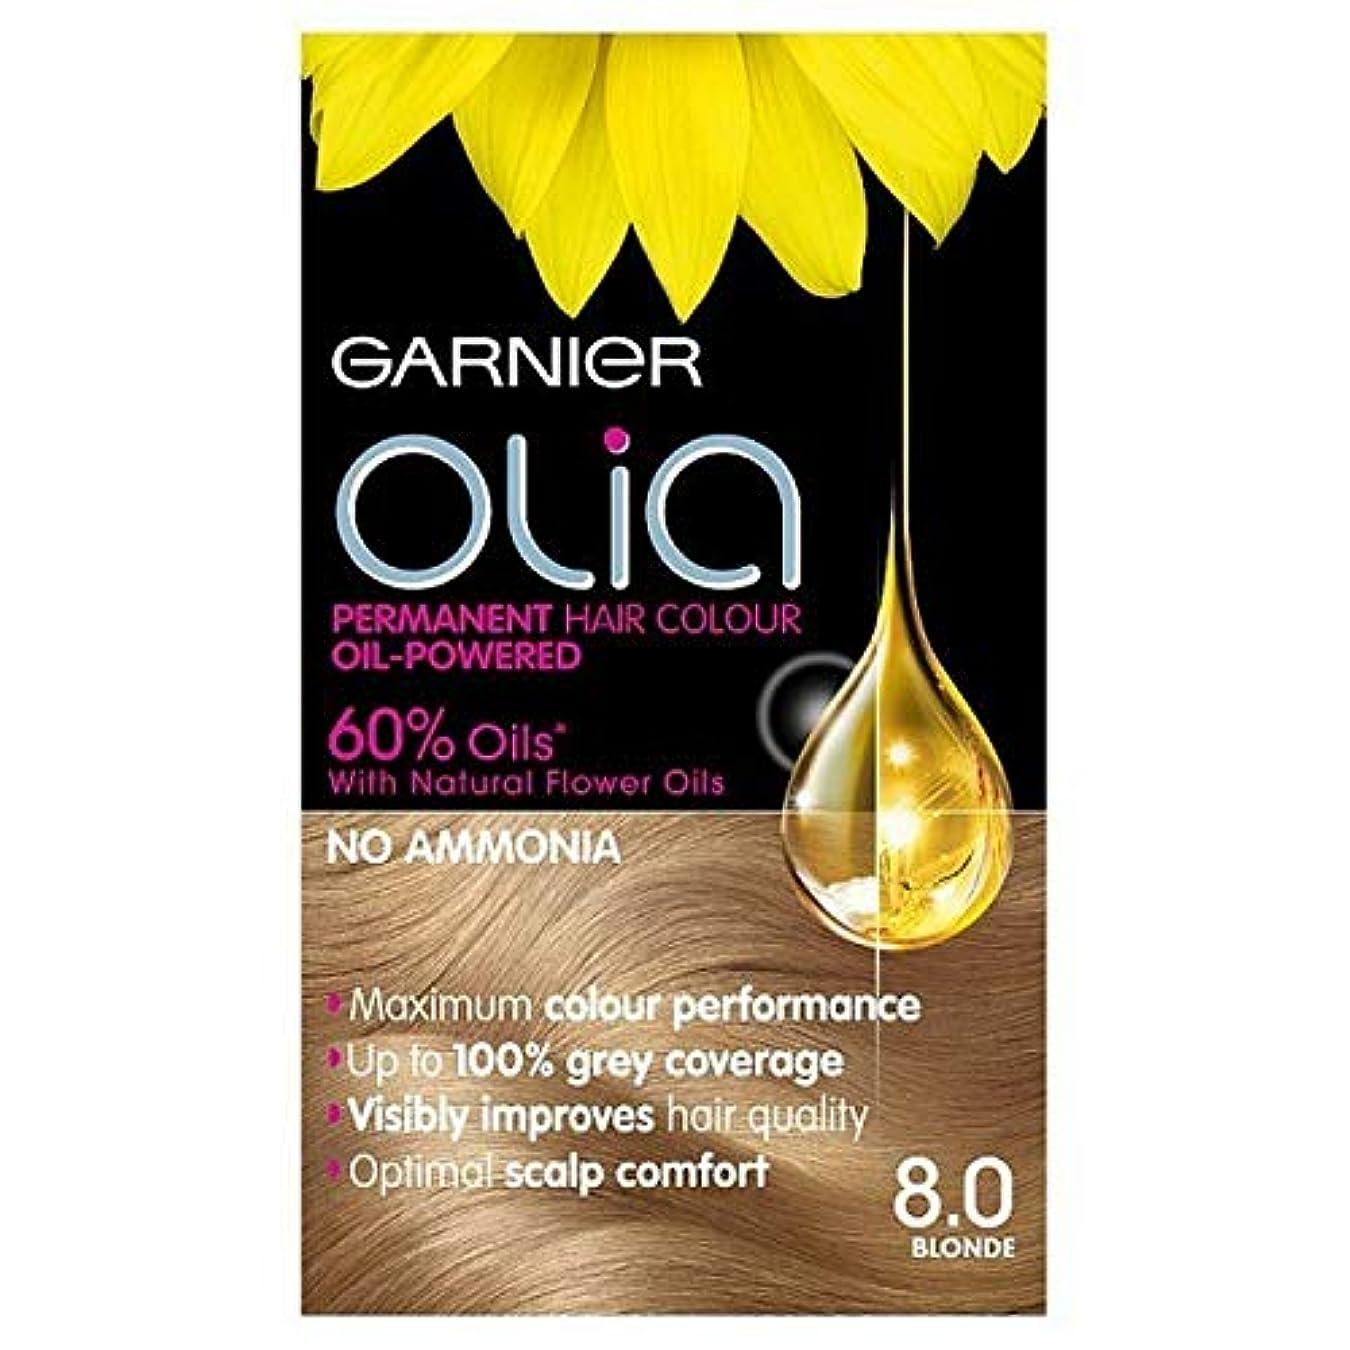 南アメリカメアリアンジョーンズ飲み込む[Garnier ] 8.0ブロンドガルニエOliaパーマネントヘアダイ - Garnier Olia Permanent Hair Dye Blonde 8.0 [並行輸入品]